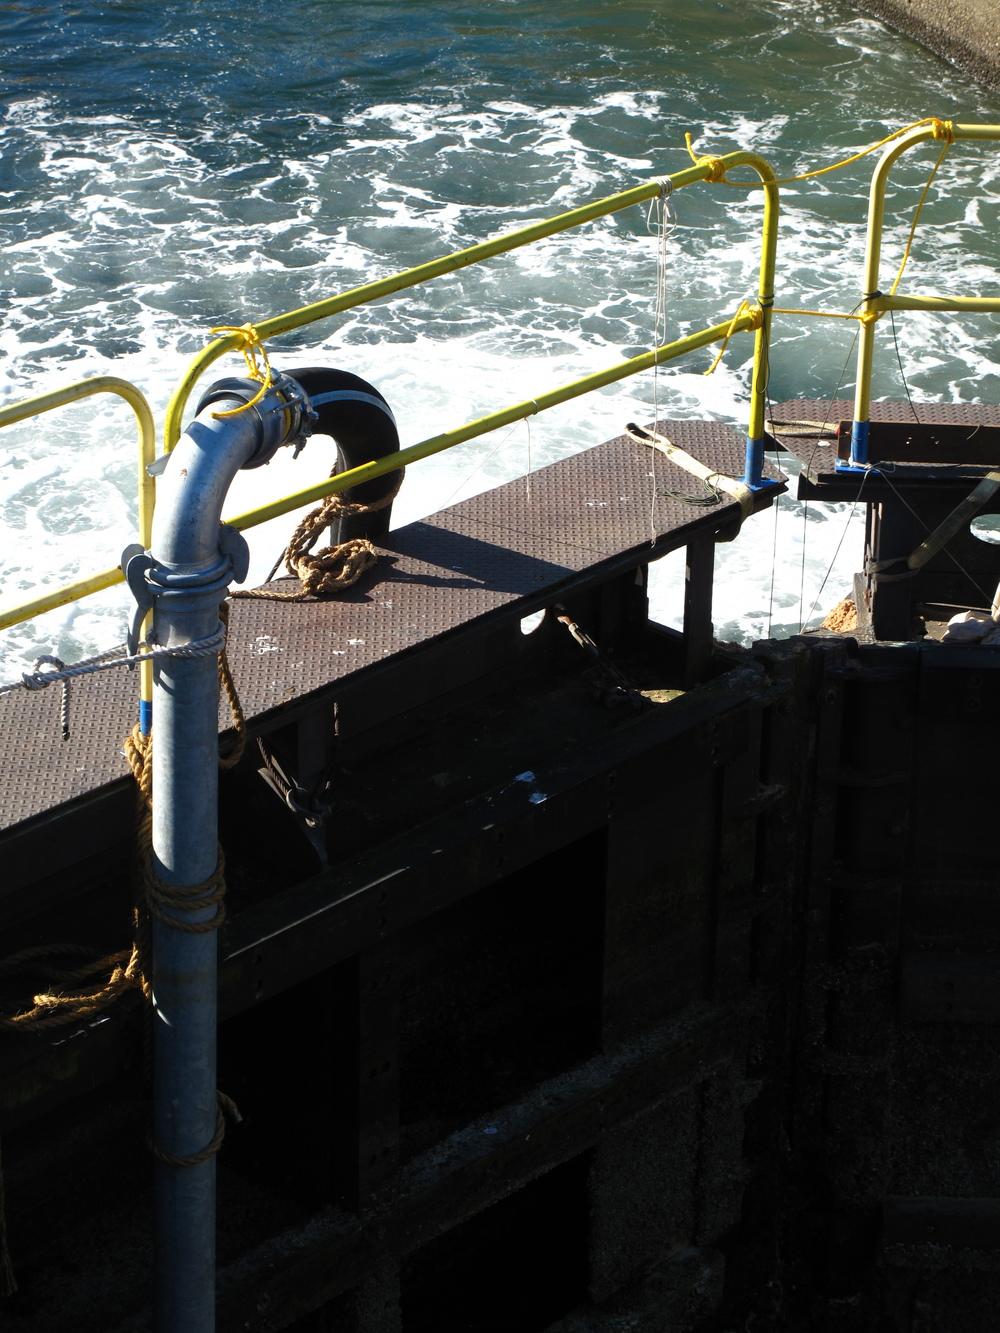 The Locks working gates in Seattle, WA.